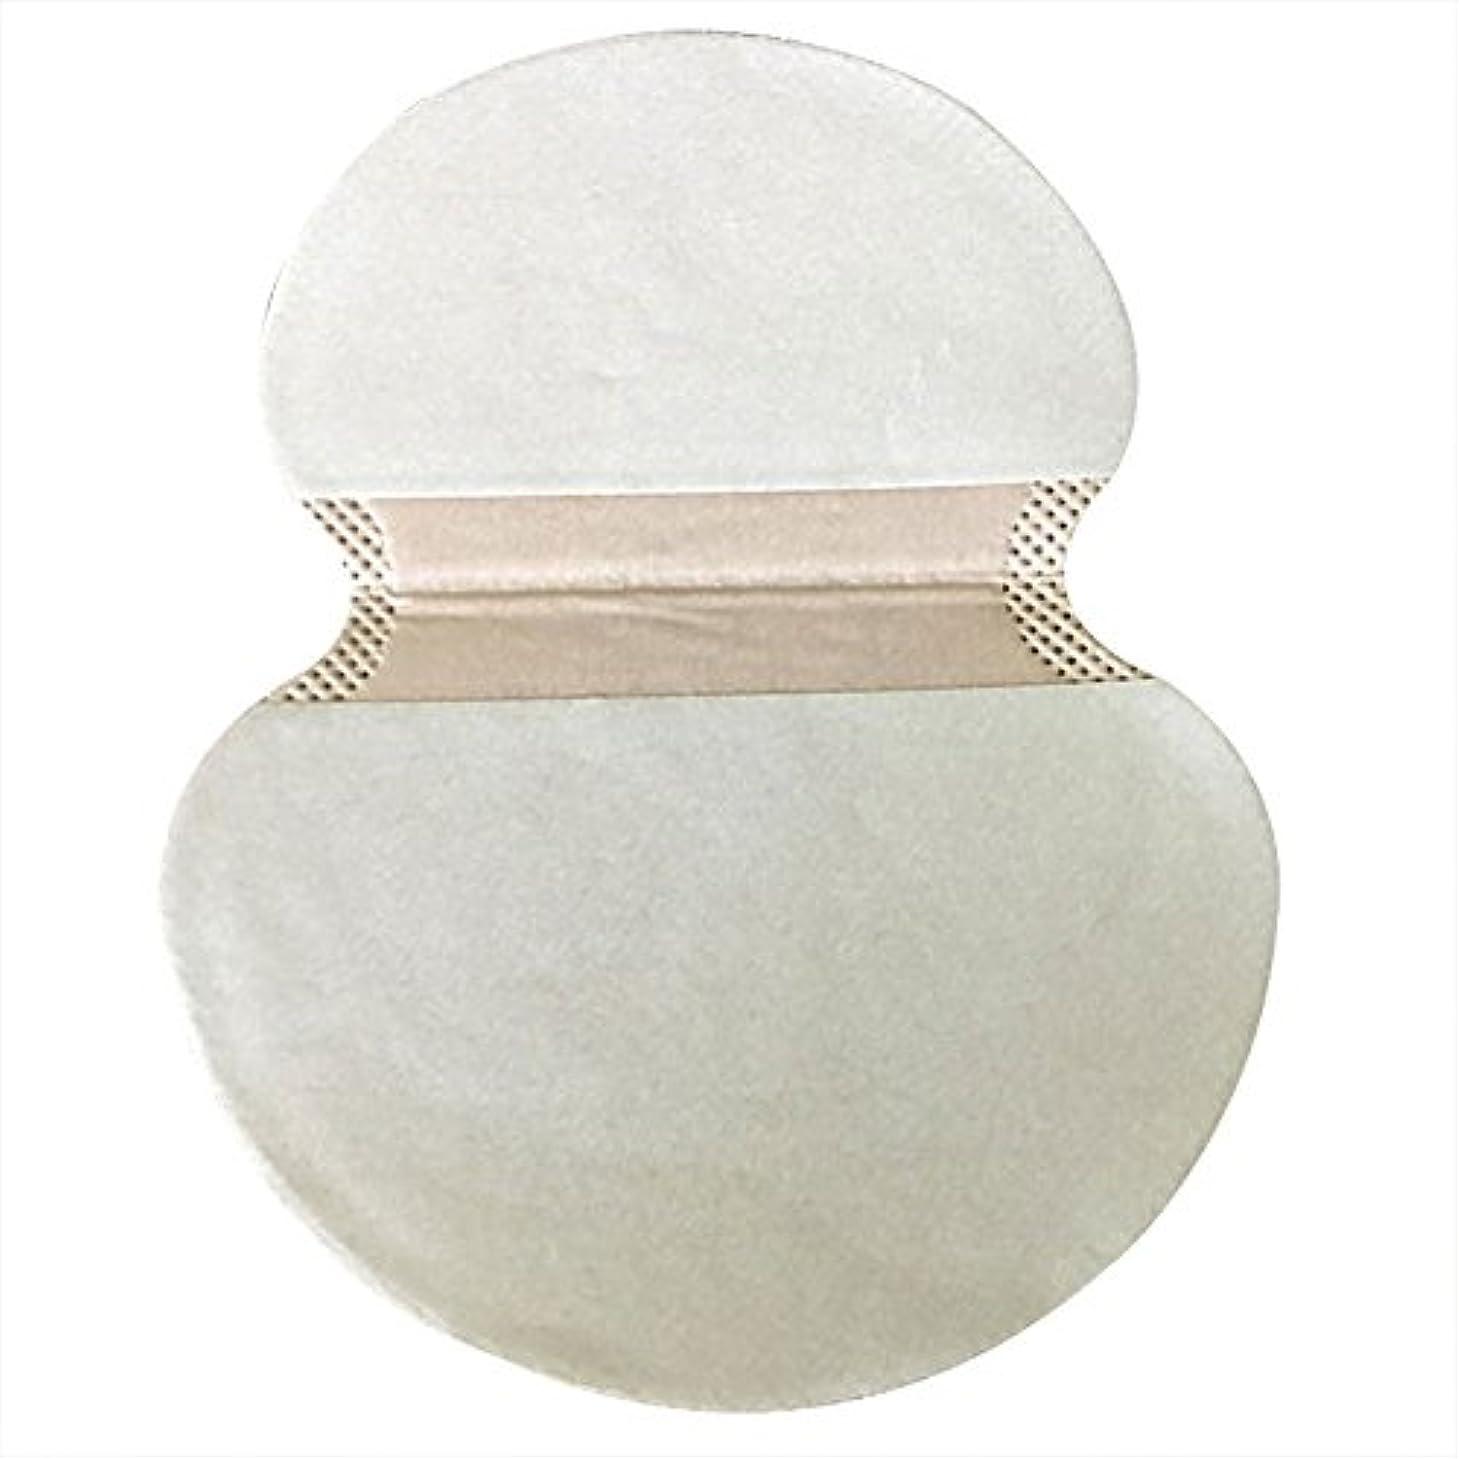 どっち堀はずkiirou 汗取りパッド わき汗パット 10枚セット さらさら あせジミ防止 防臭シート 無香料 メンズ レディース 大きめ